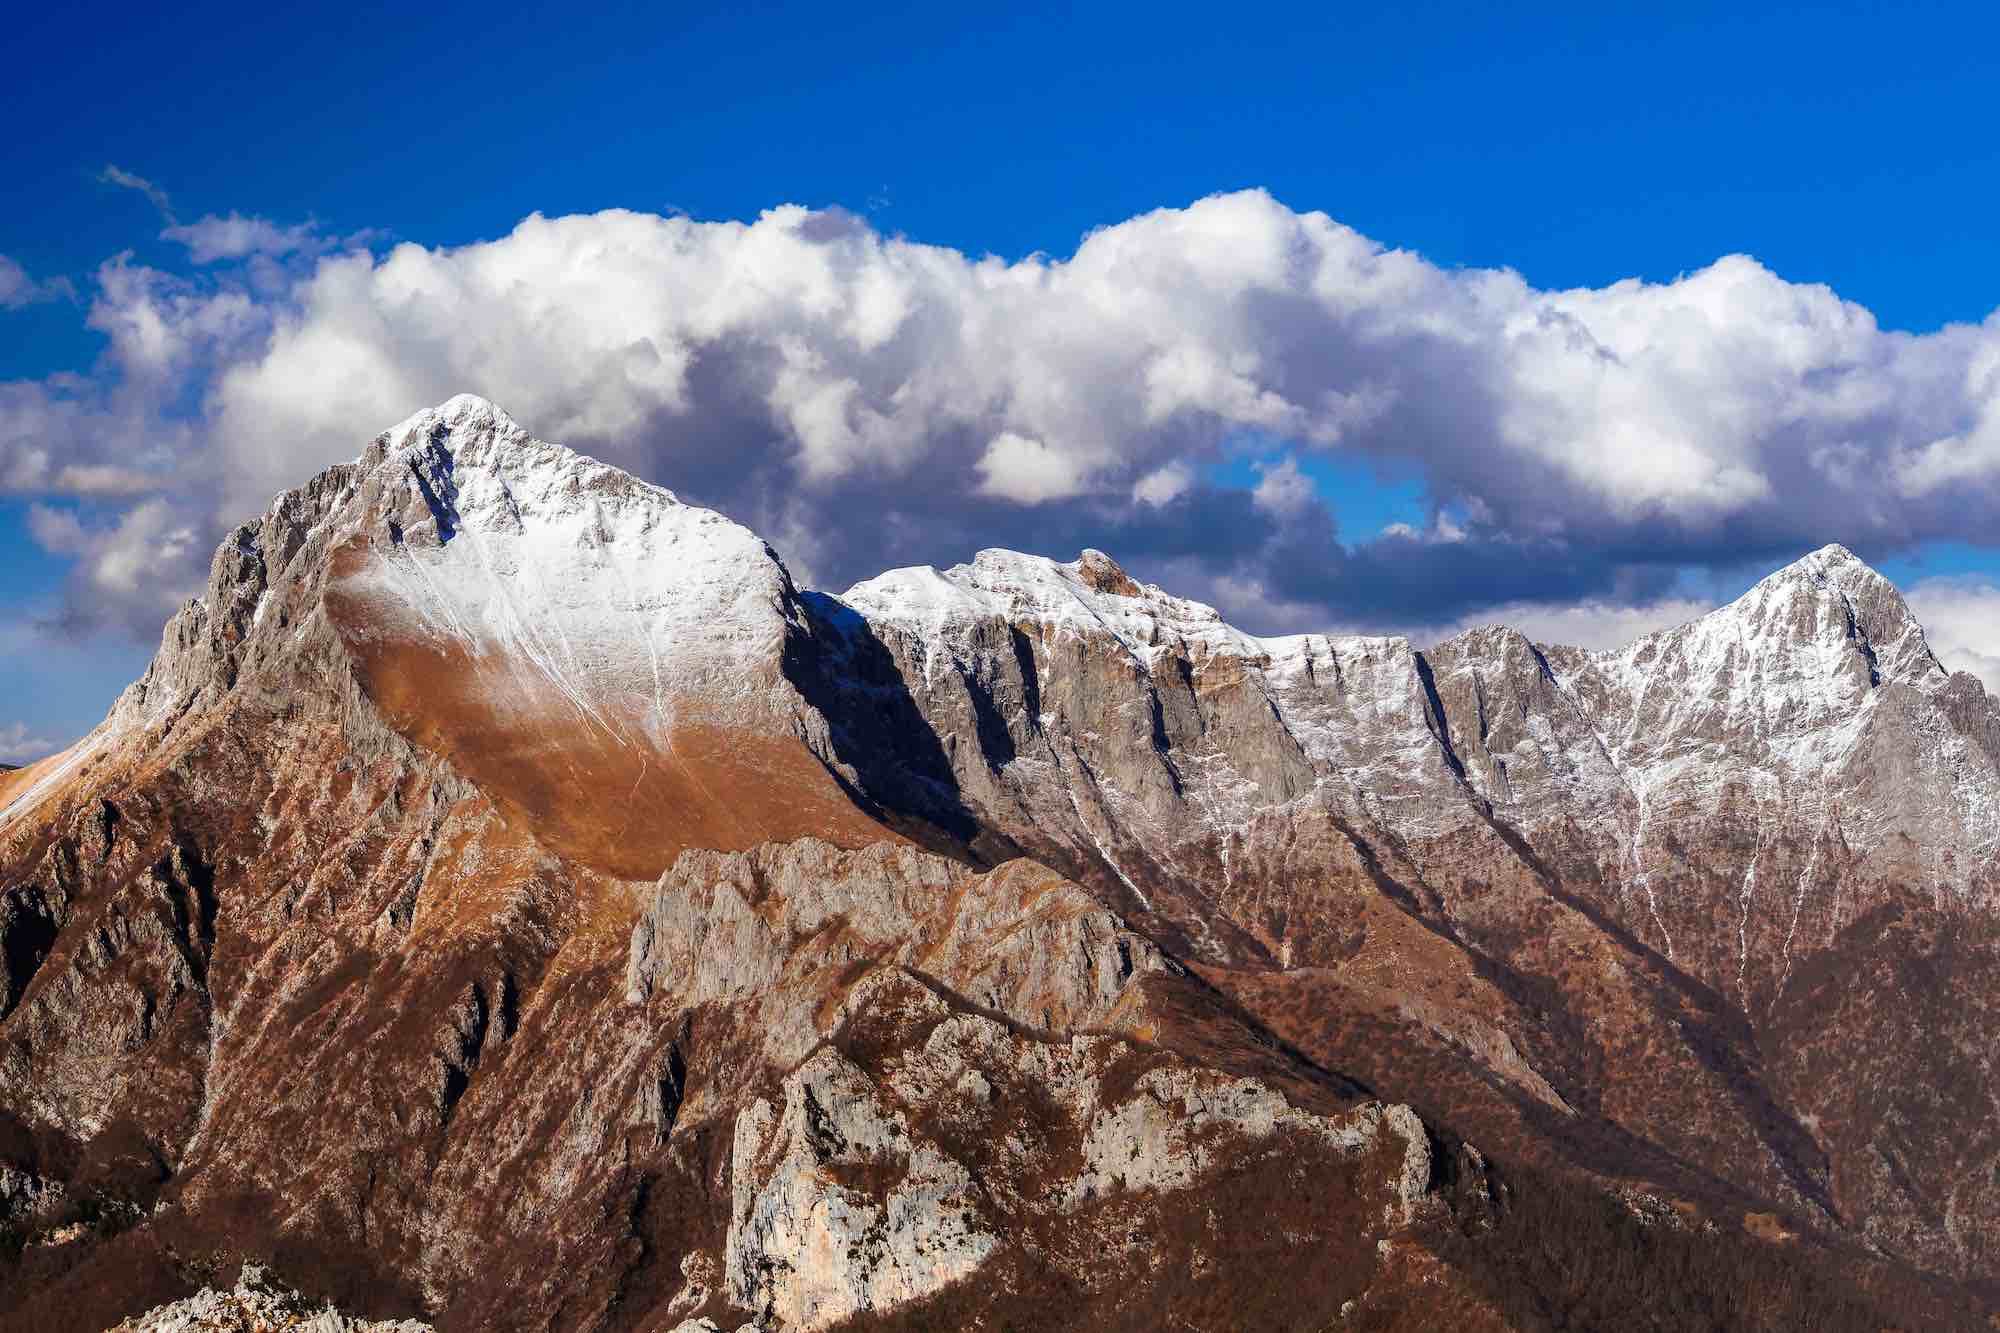 La montagna dell'Omo Morto in Garfagnana tra la Pania della Croce e la Pania Secca